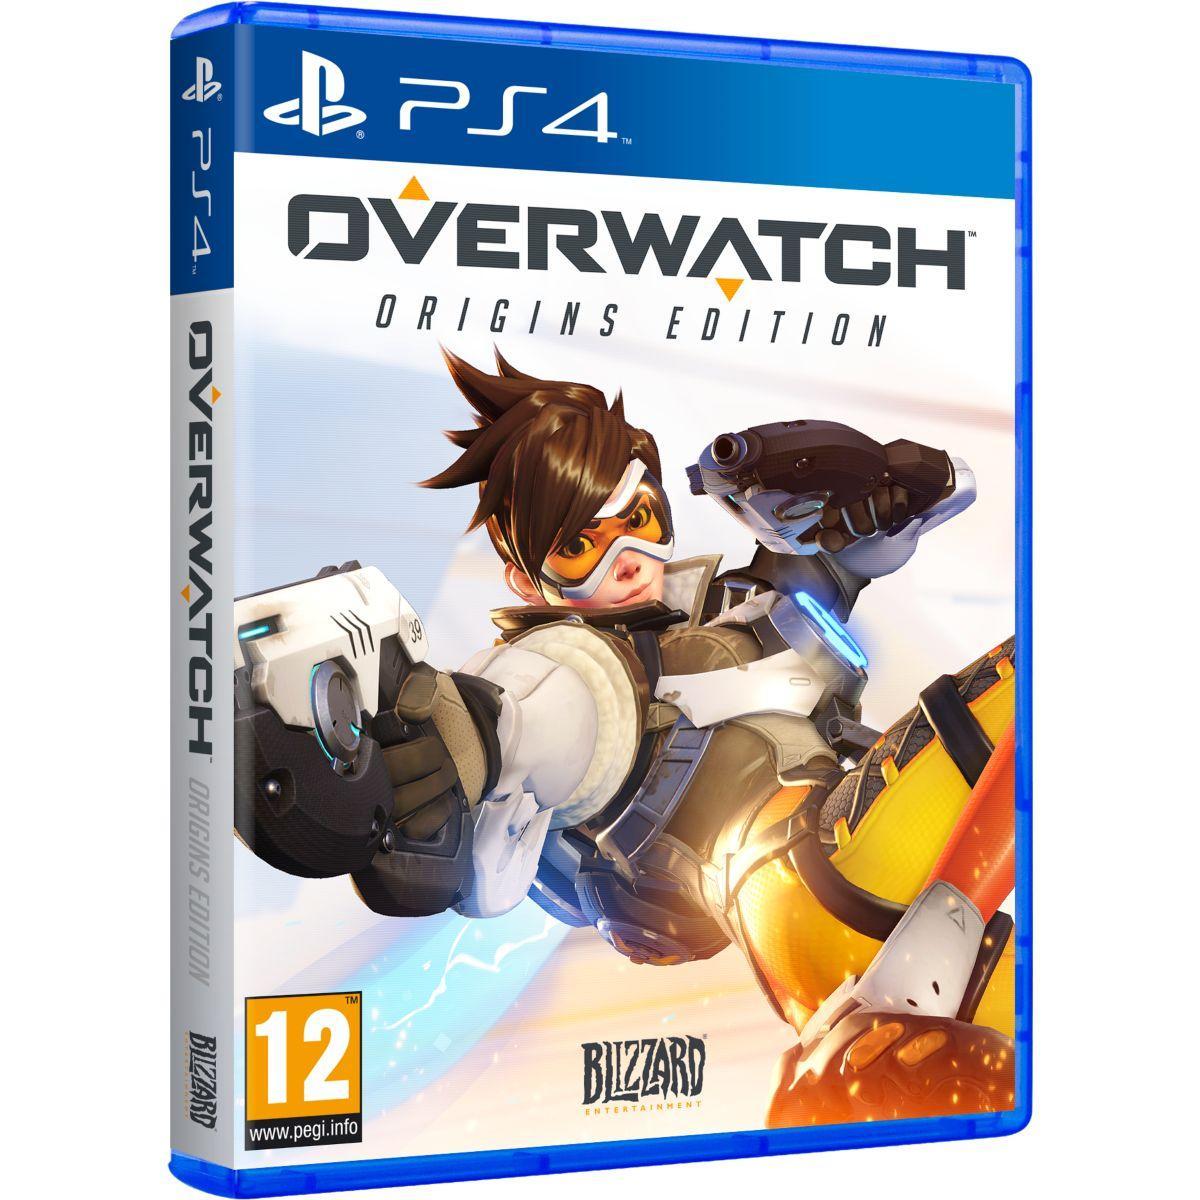 Jeu ps4 activision overwatch origins edition - 3% de remise immédiate avec le code : multi3 (photo)